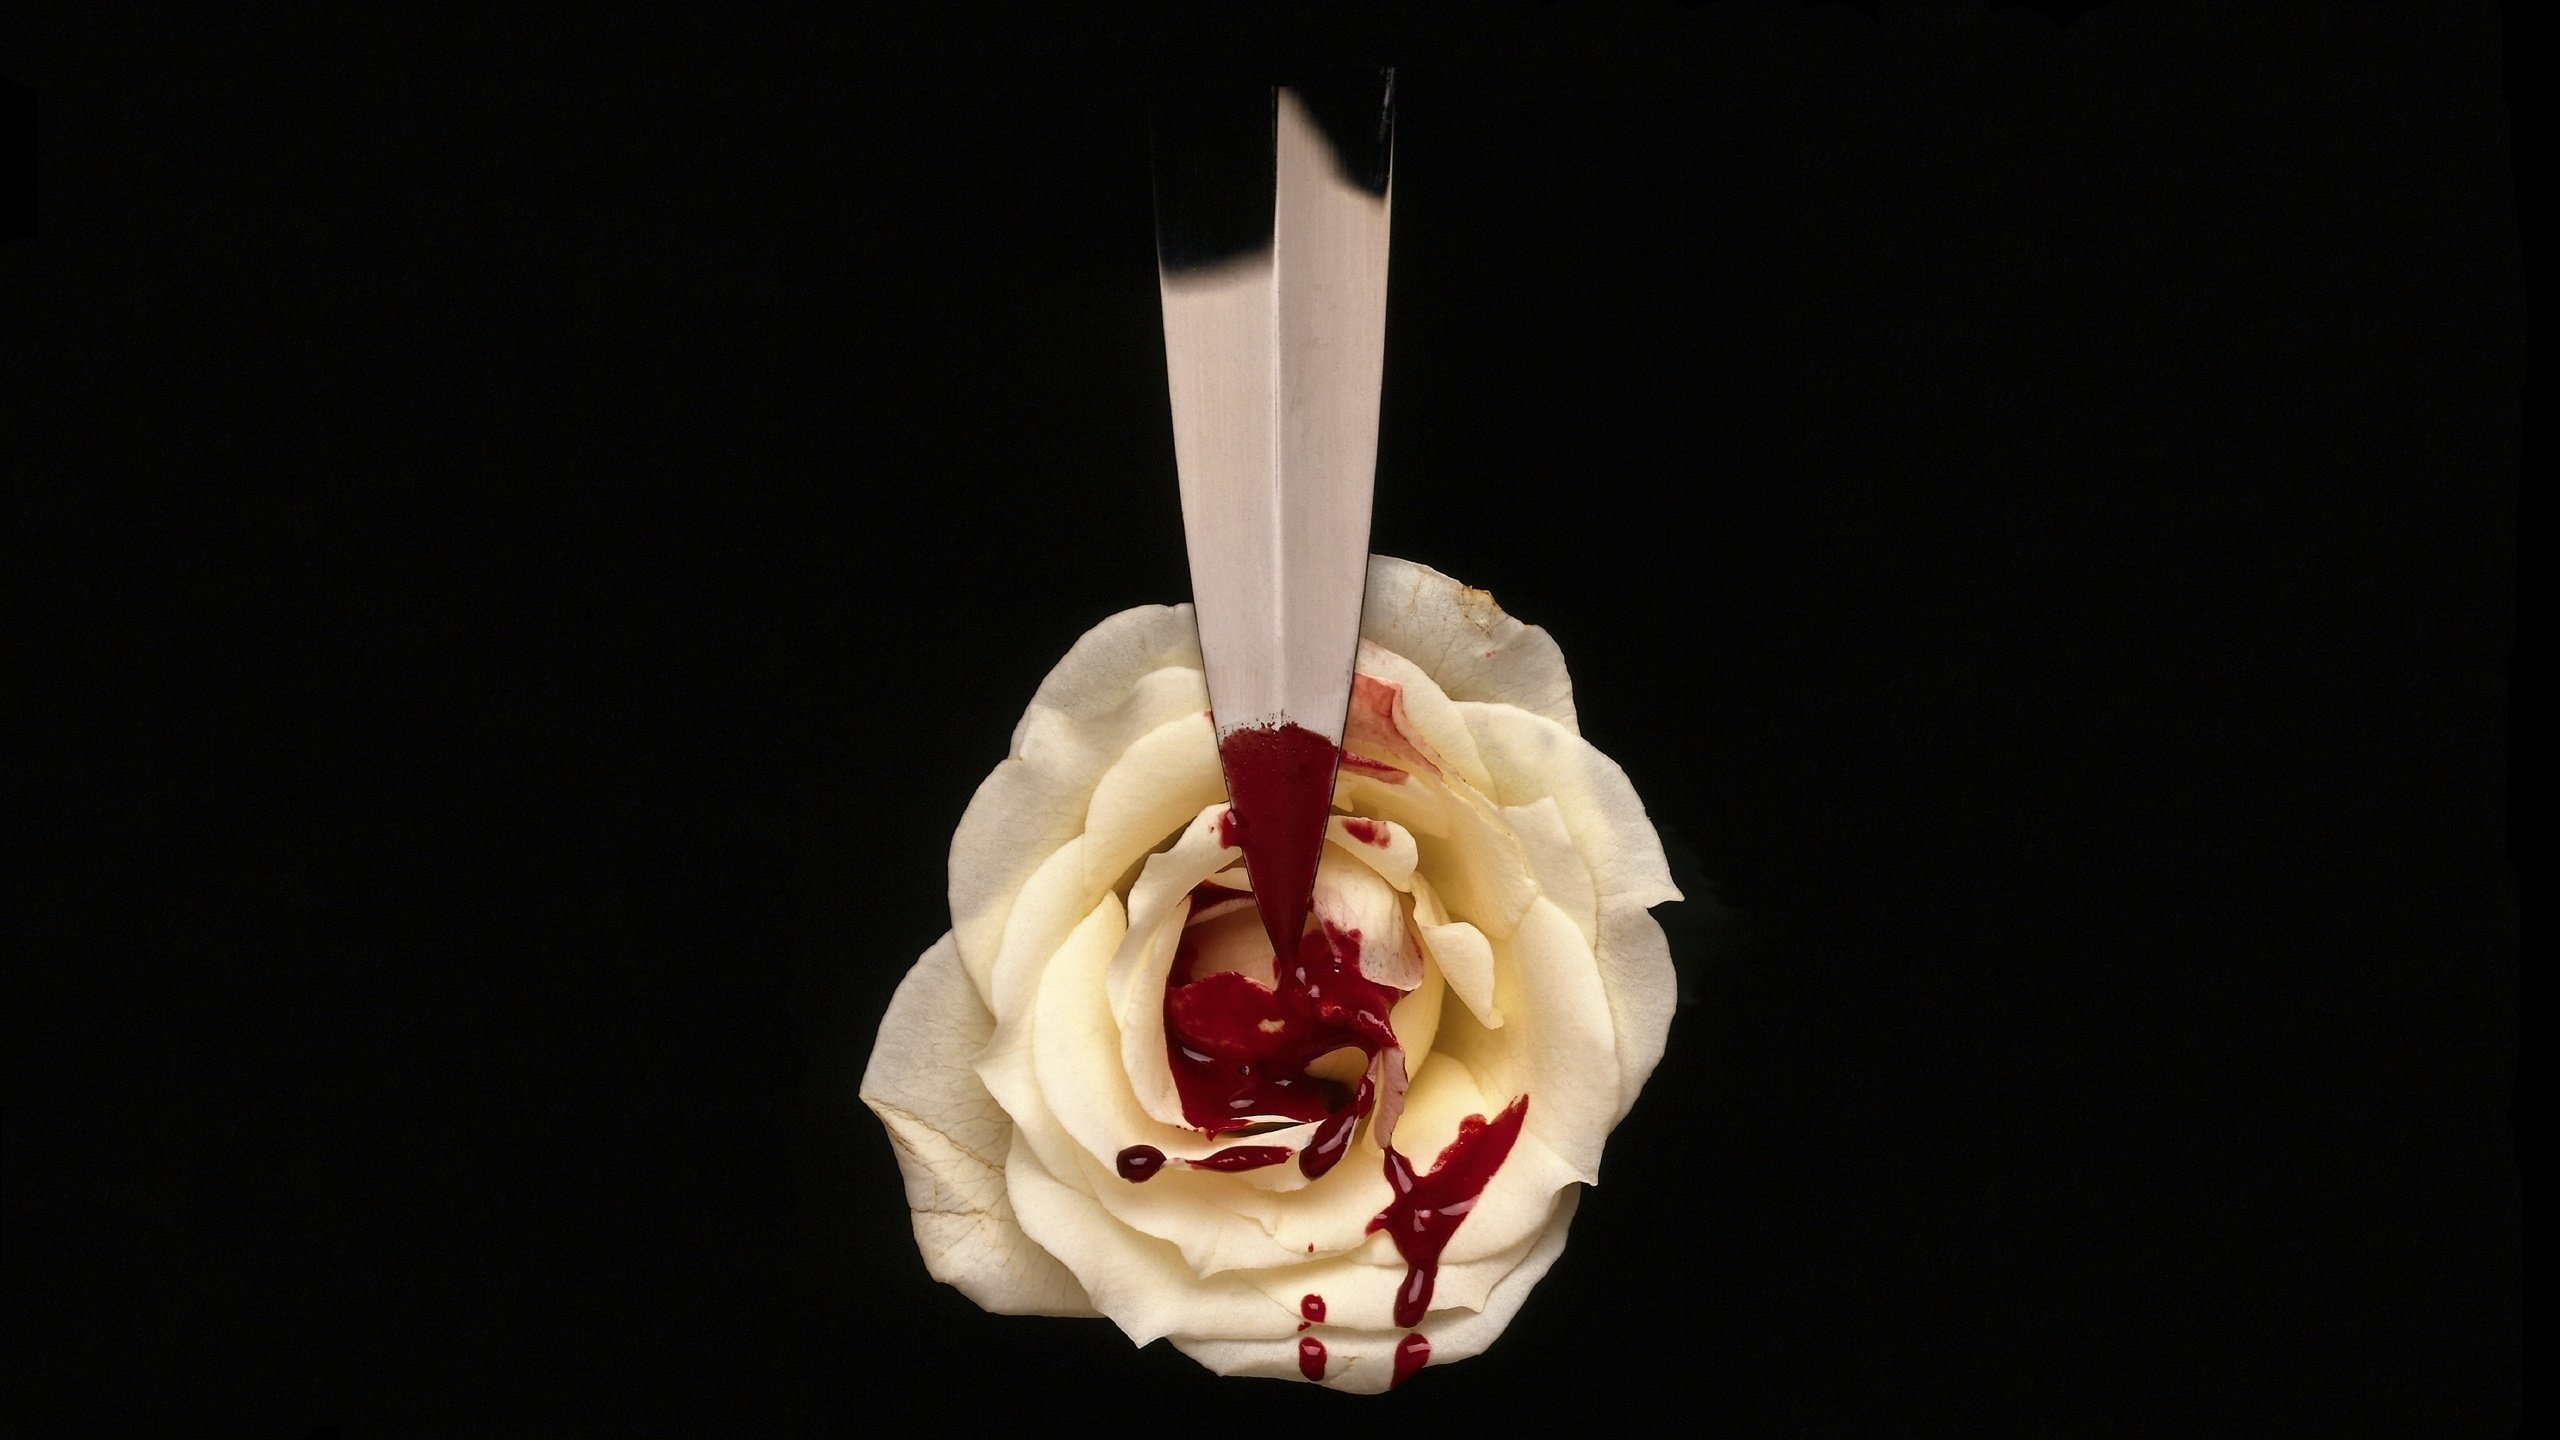 bleeding rose wallpaper